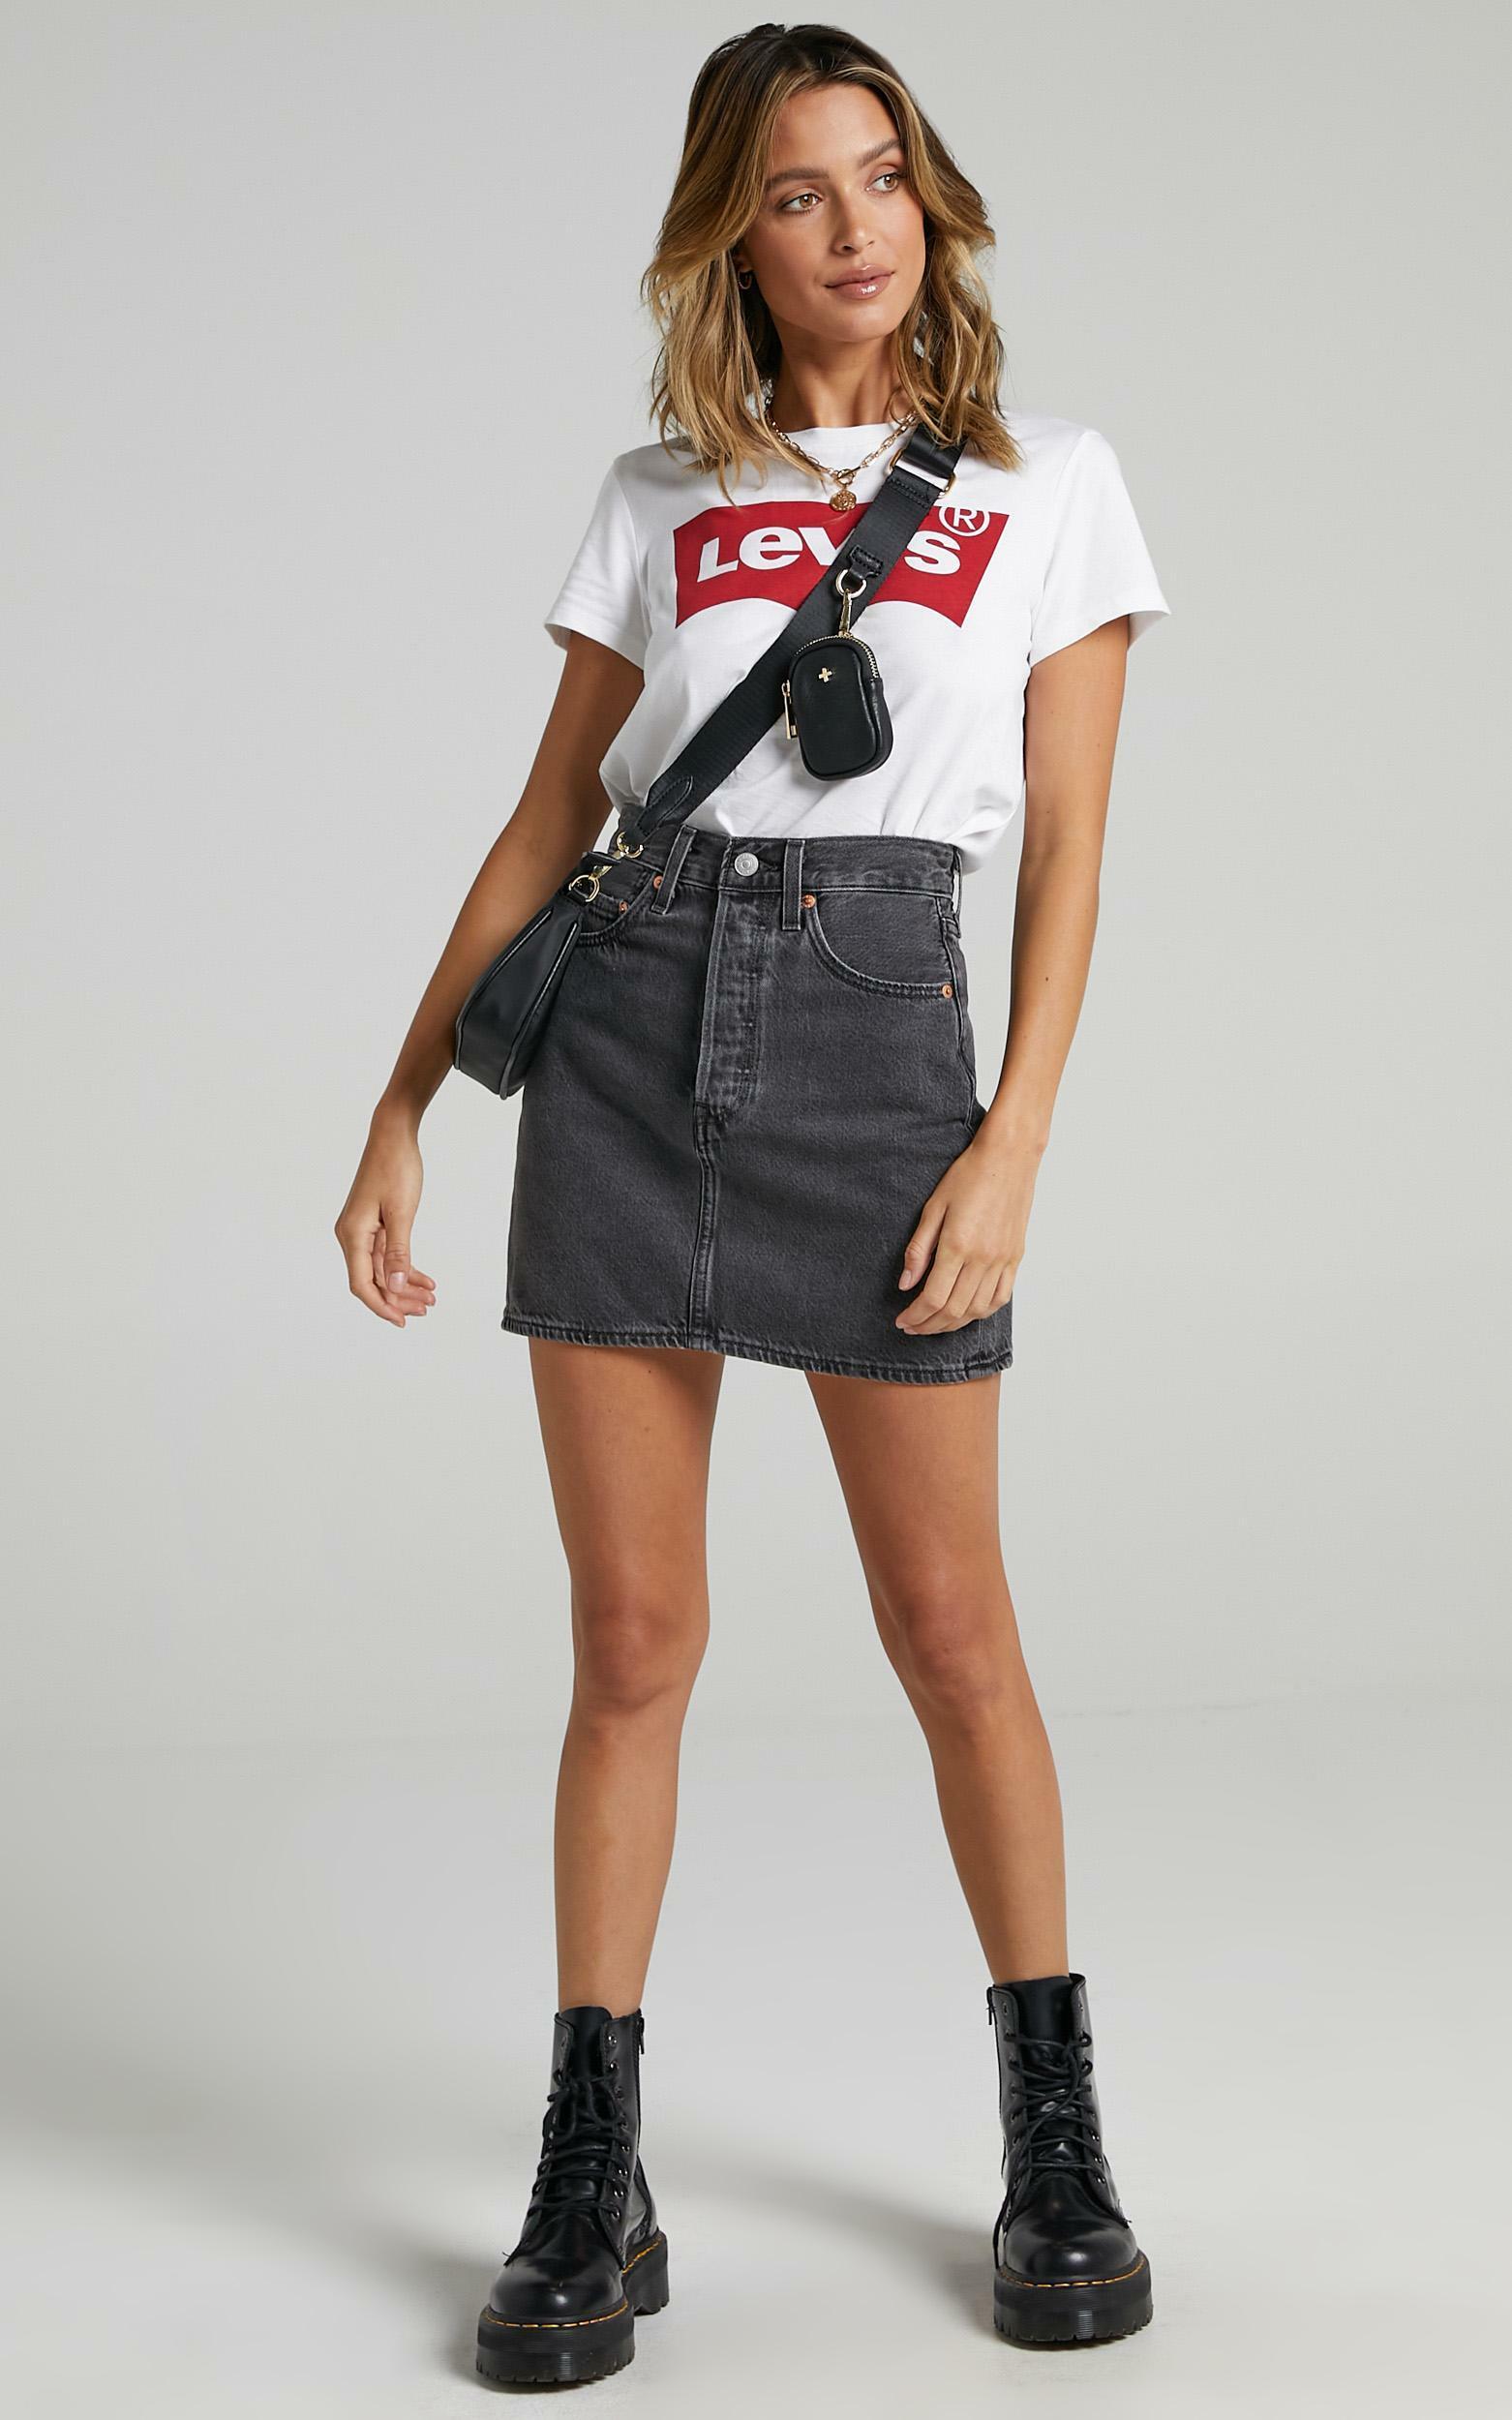 Levis - Ribcage Denim Skirt in Washed Noir Black - 06, BLK1, hi-res image number null